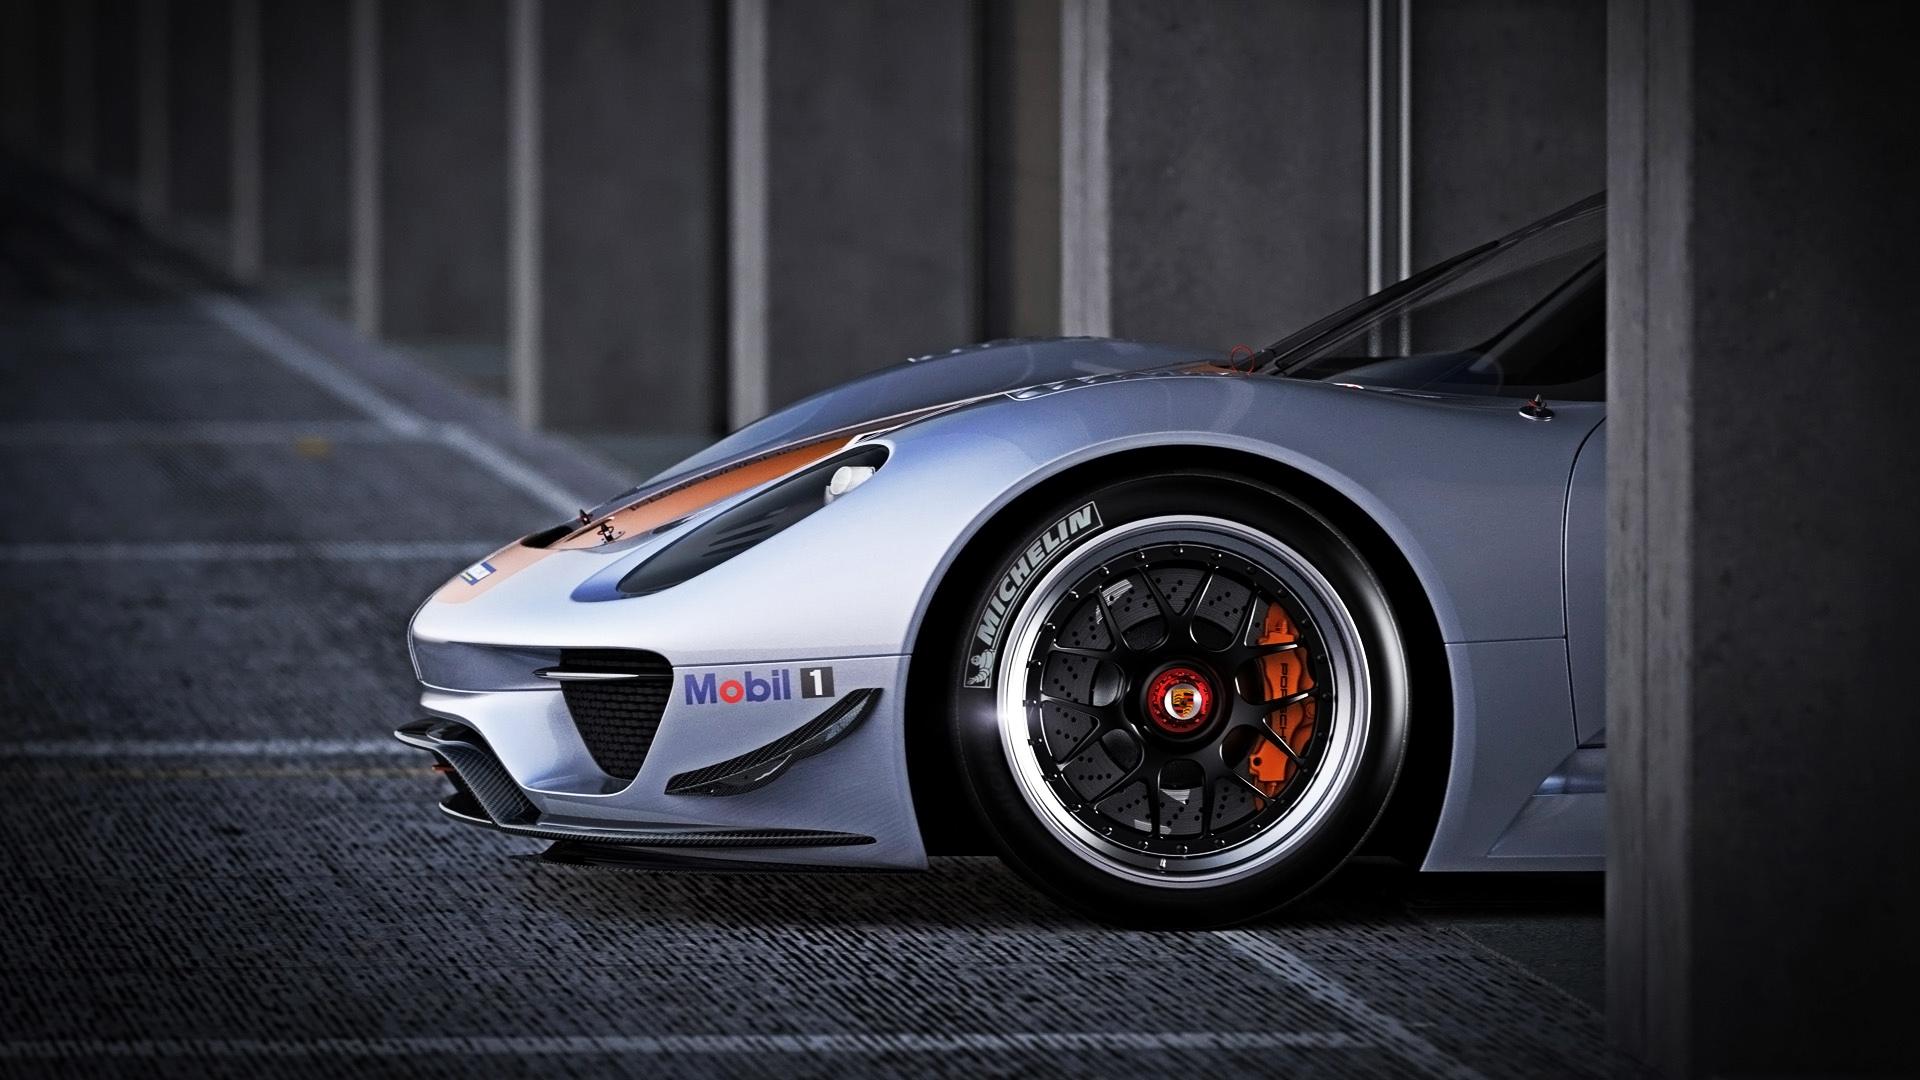 Porsche cayman gt3 wallpaper